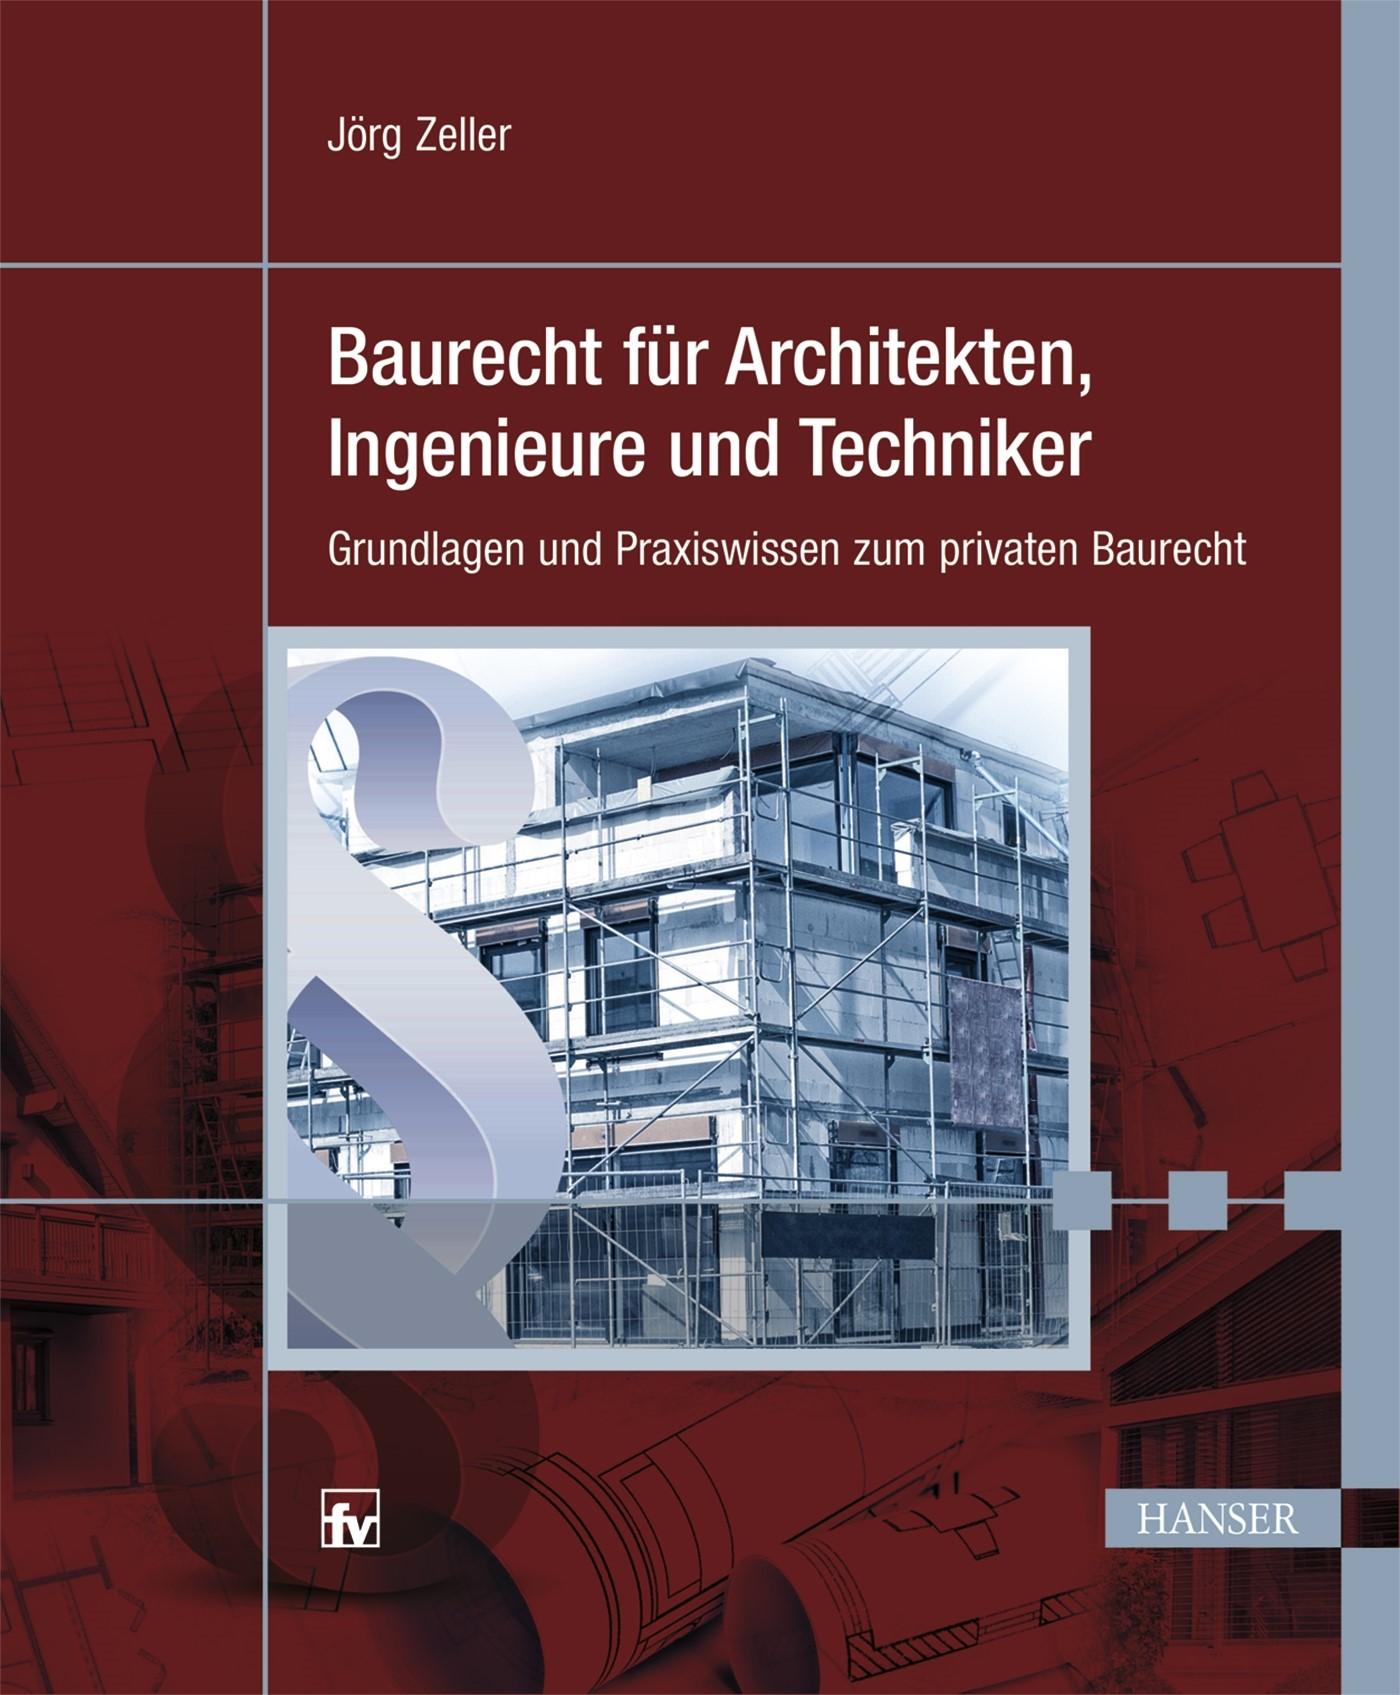 Baurecht für Architekten, Ingenieure und Techniker | Zeller, 2019 | Buch (Cover)